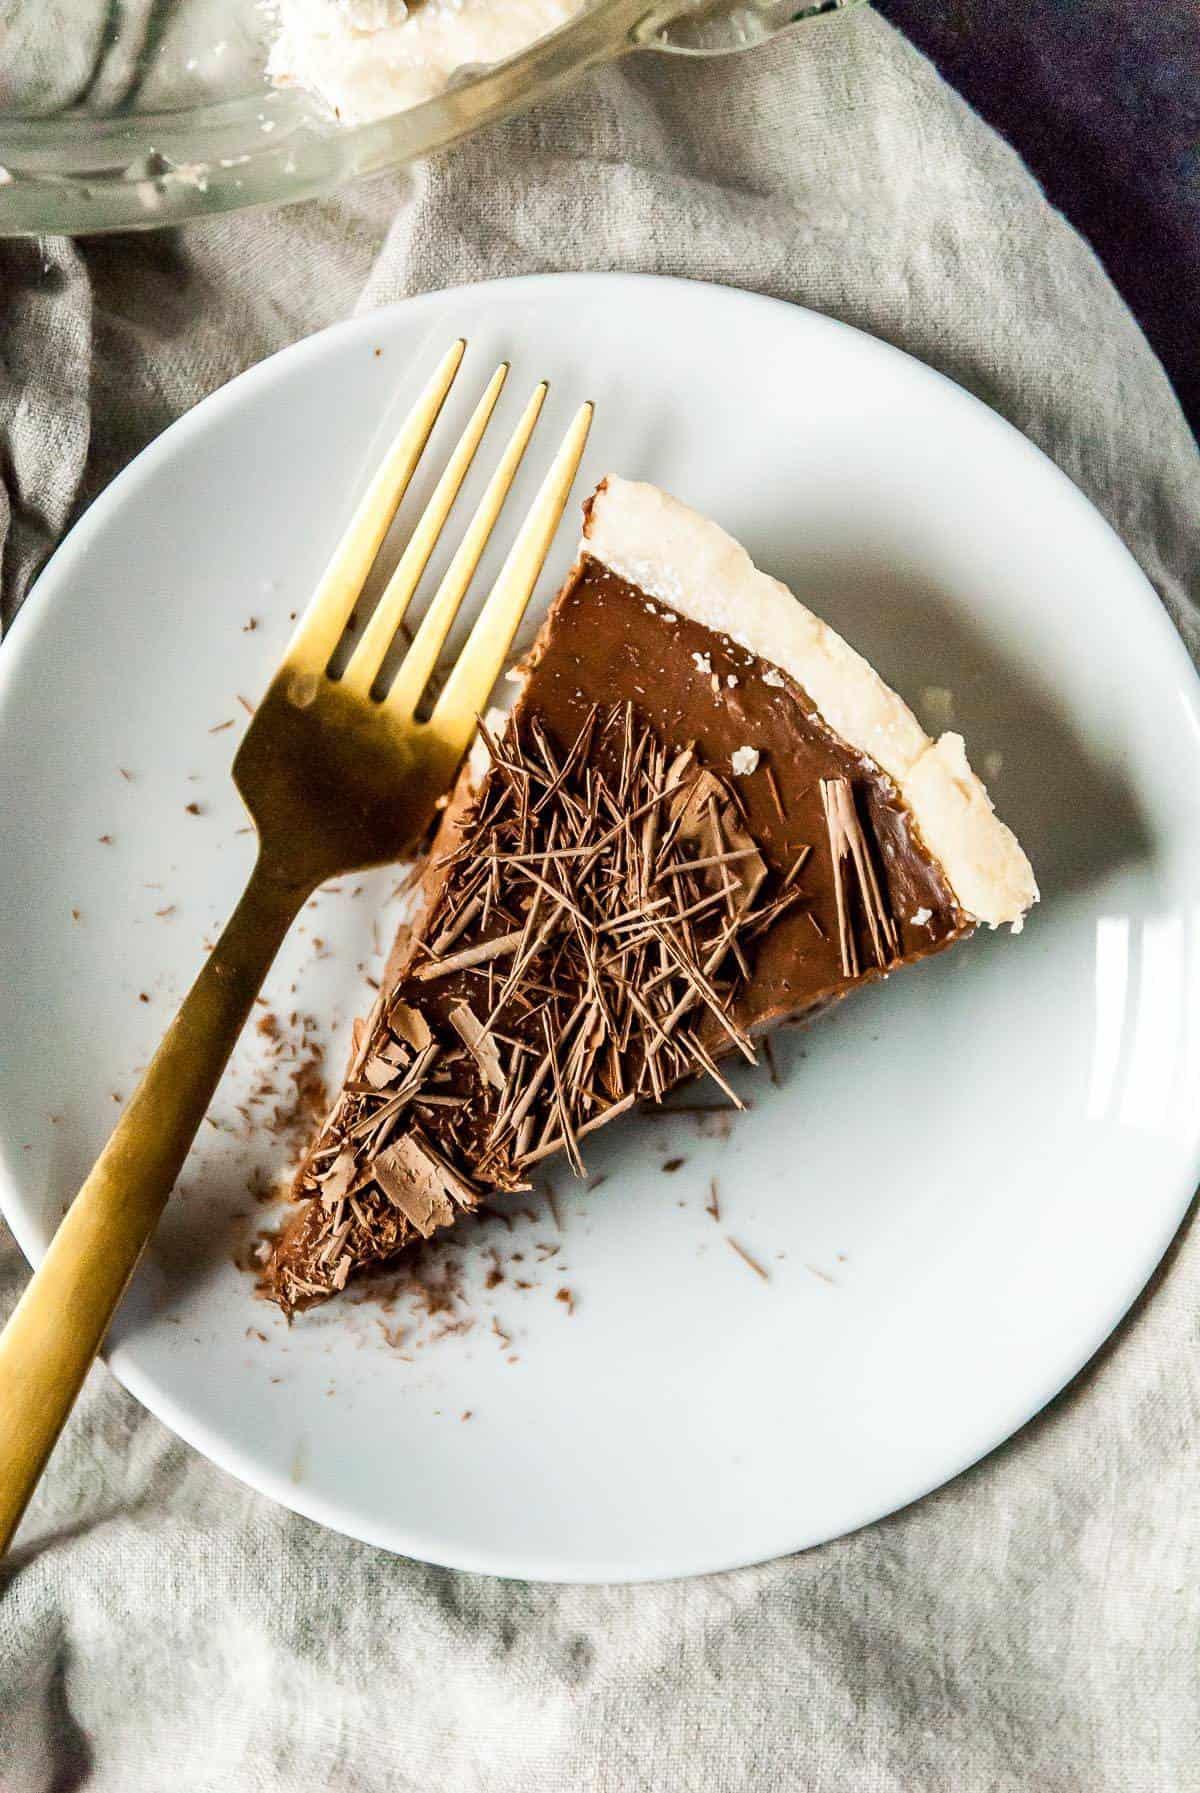 slice of vegan chocolate cream pie